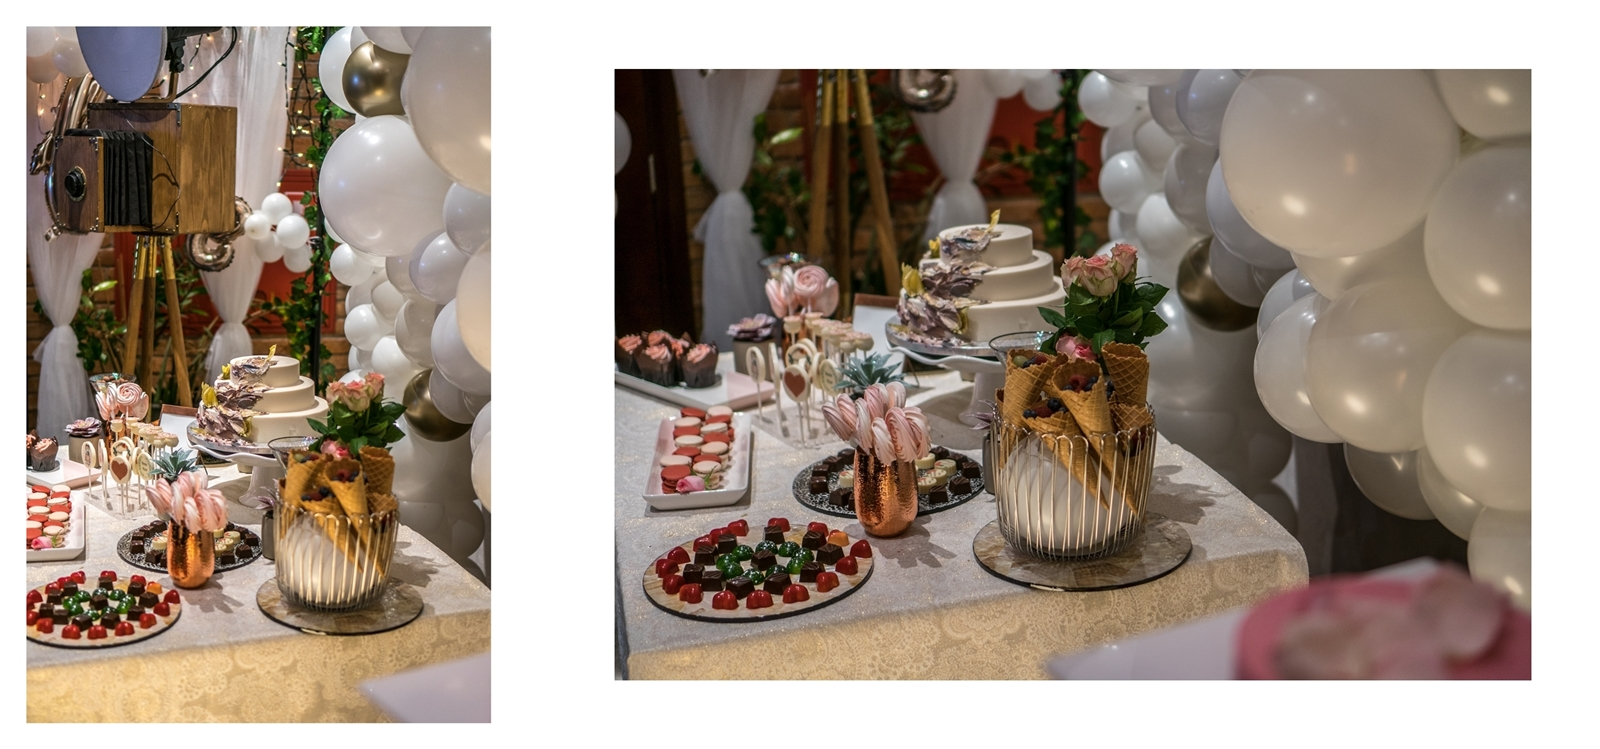 19 słodki stół jaki wybrać OFF WEDDING - Alternatywne Targi ślubne papeteria. biżuteria ślubna, dodatki ślubne, boho dekoracje , kwiaty na ślub i wesele, warszawa, łódź, romantczne, naturalne, nietypowe